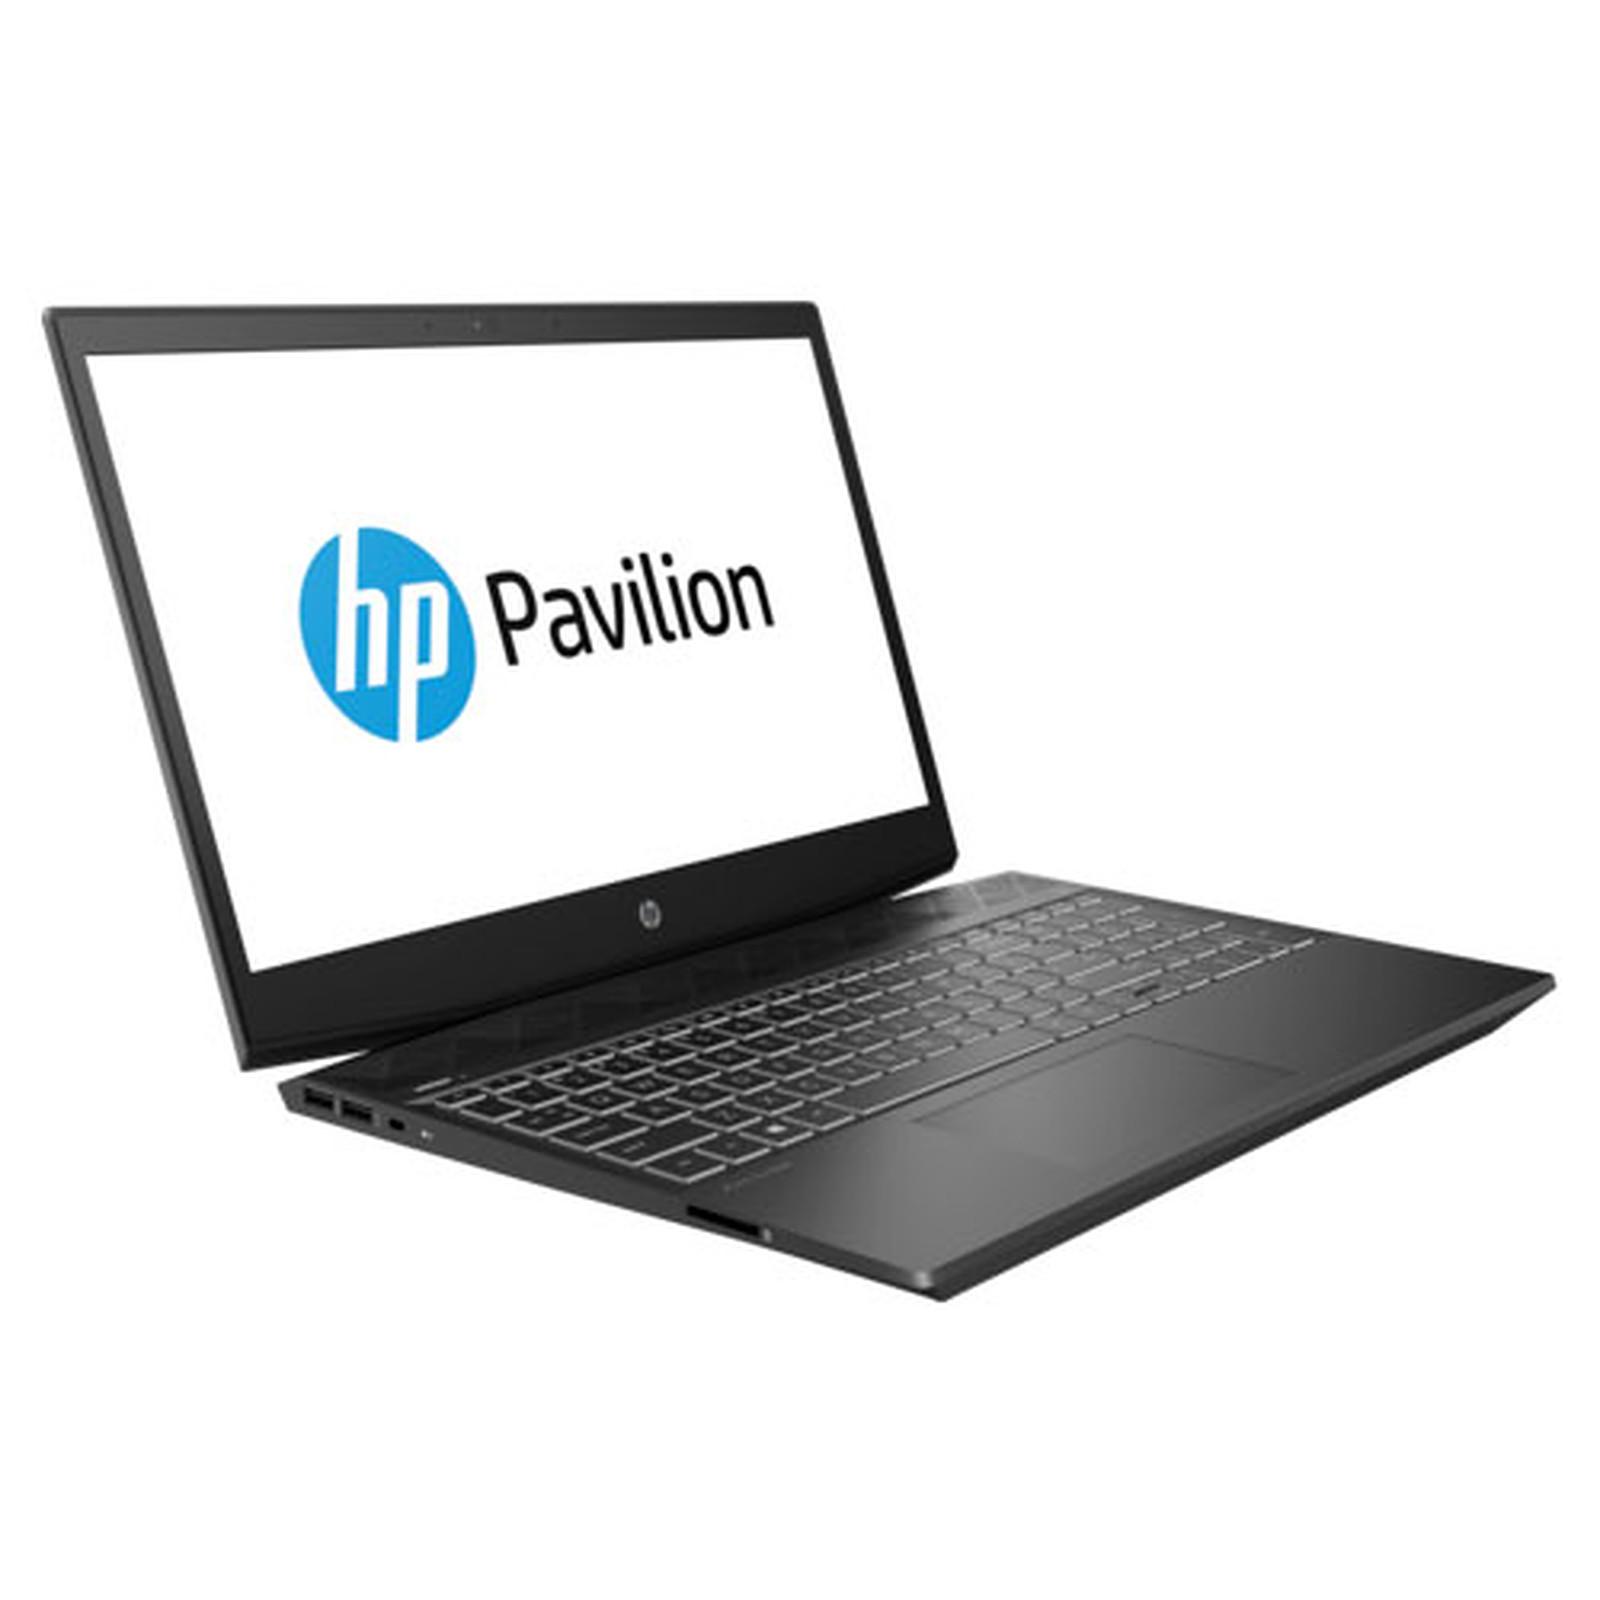 HP Pavilion 15-cx0003nf